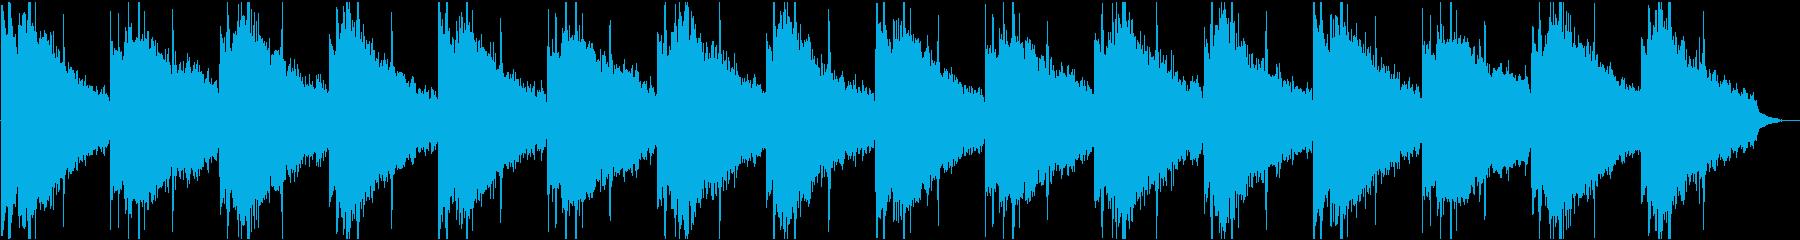 開放感のある明るいリザルト画面のBGMの再生済みの波形